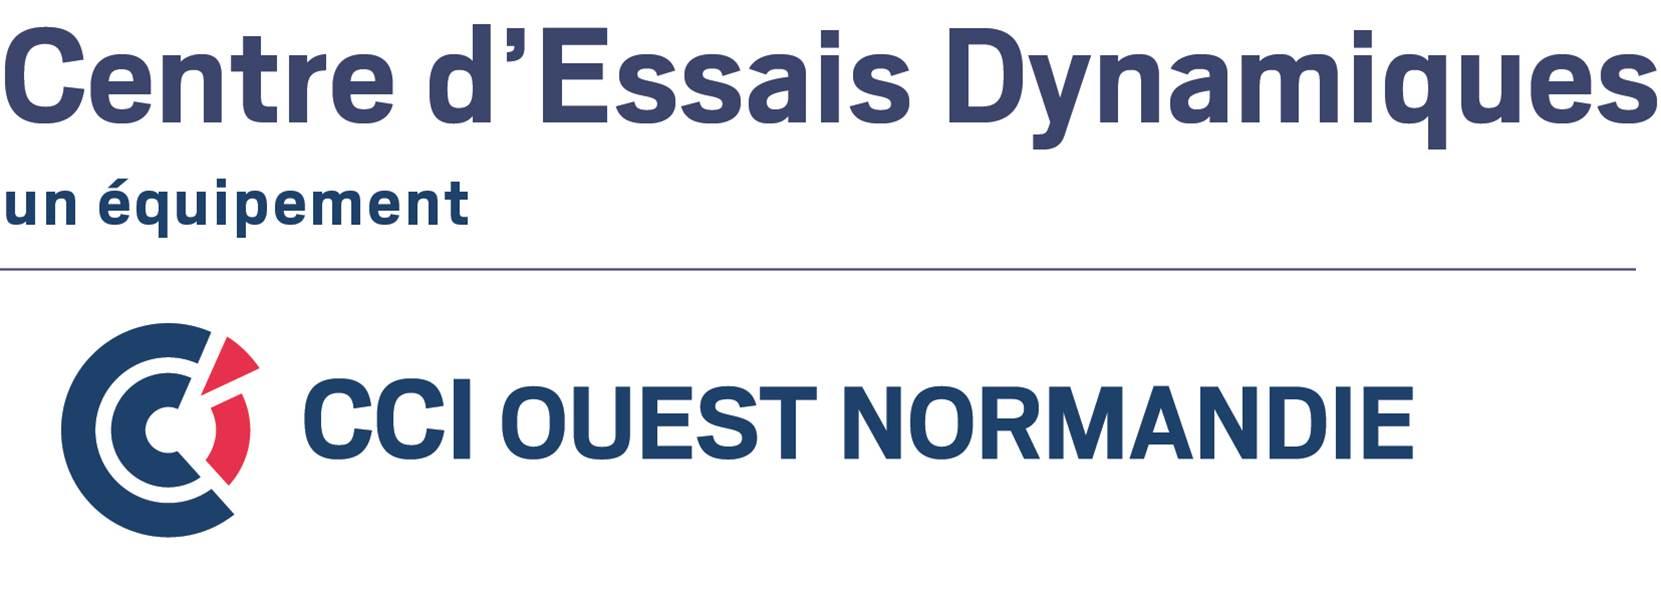 Centre d'Essais Dynamiques